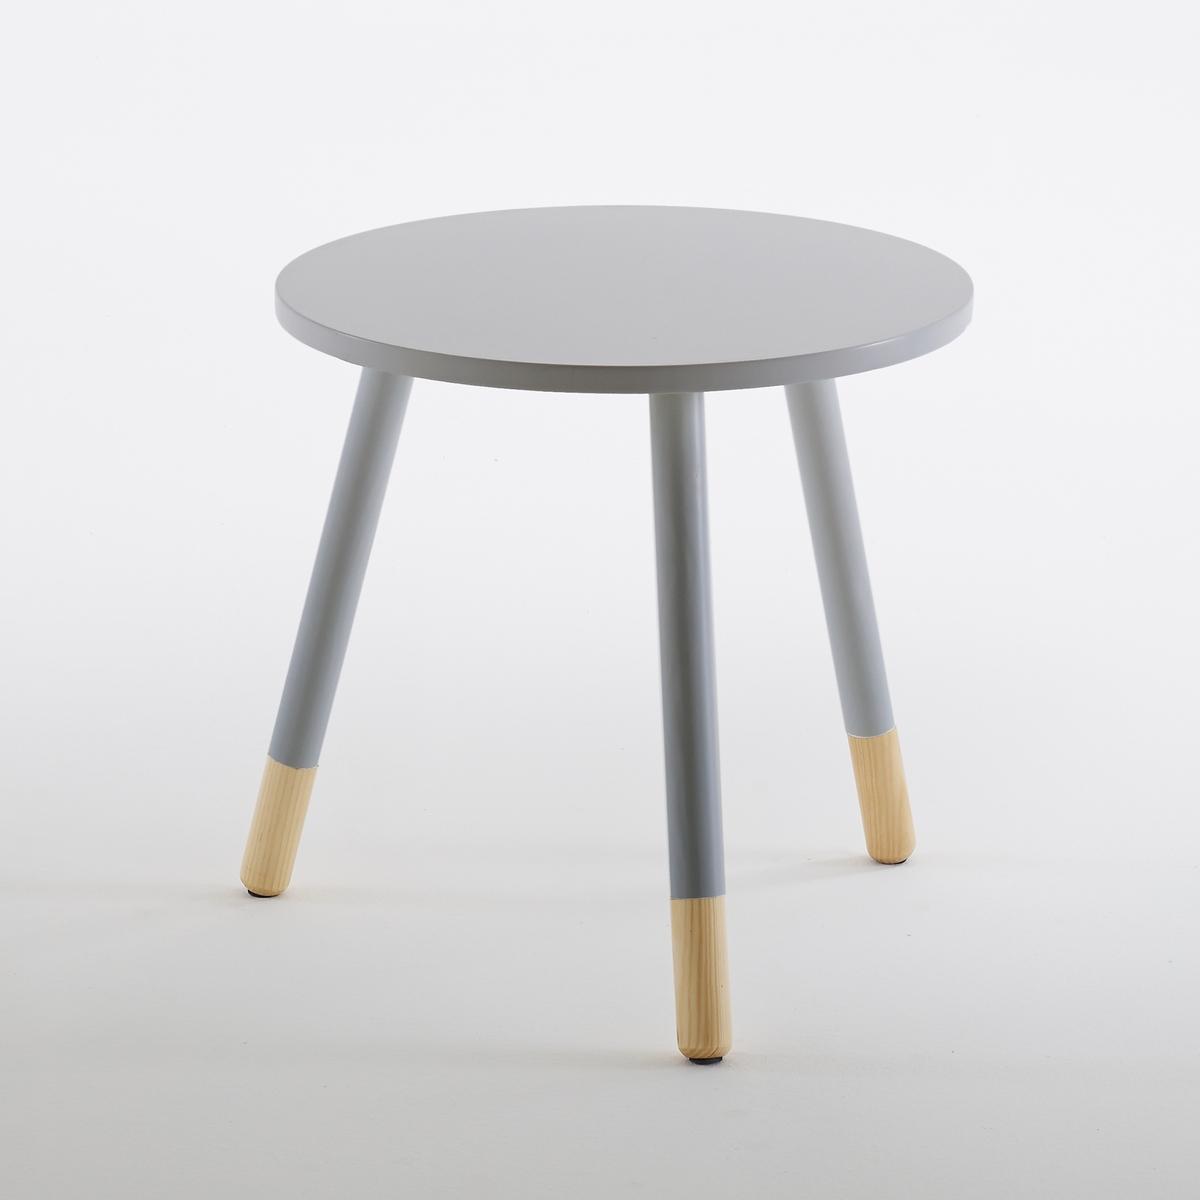 Столик журнальный, JanikЖурнальный столик Janik можно использовать в гостиной в качестве приставного стола возле дивана или в спальне - в качестве прикроватного столика. Он впишется в любой интерьер благодаря своему минималистичному дизайну с двухцветными ножками.Характеристики журнального столика Janik:Столешница из лакированной плиты МДФ с покрытием нитроцеллюлозным лаком. Ножки из массива сосны с частичной лакировкой и покрытием нитроцеллюлозным лаком. Наконечники из натуральной сосны с противоскользящими насадками. Размеры журнального столика Janikдиаметр 45 x В. 44,5 см            Цвет: белый, серый, желтый.Размеры и вес коробки:1 коробка57 x 1,2 x 55 см 4,7 кг.<br><br>Цвет: желтый,серый<br>Размер: единый размер.единый размер